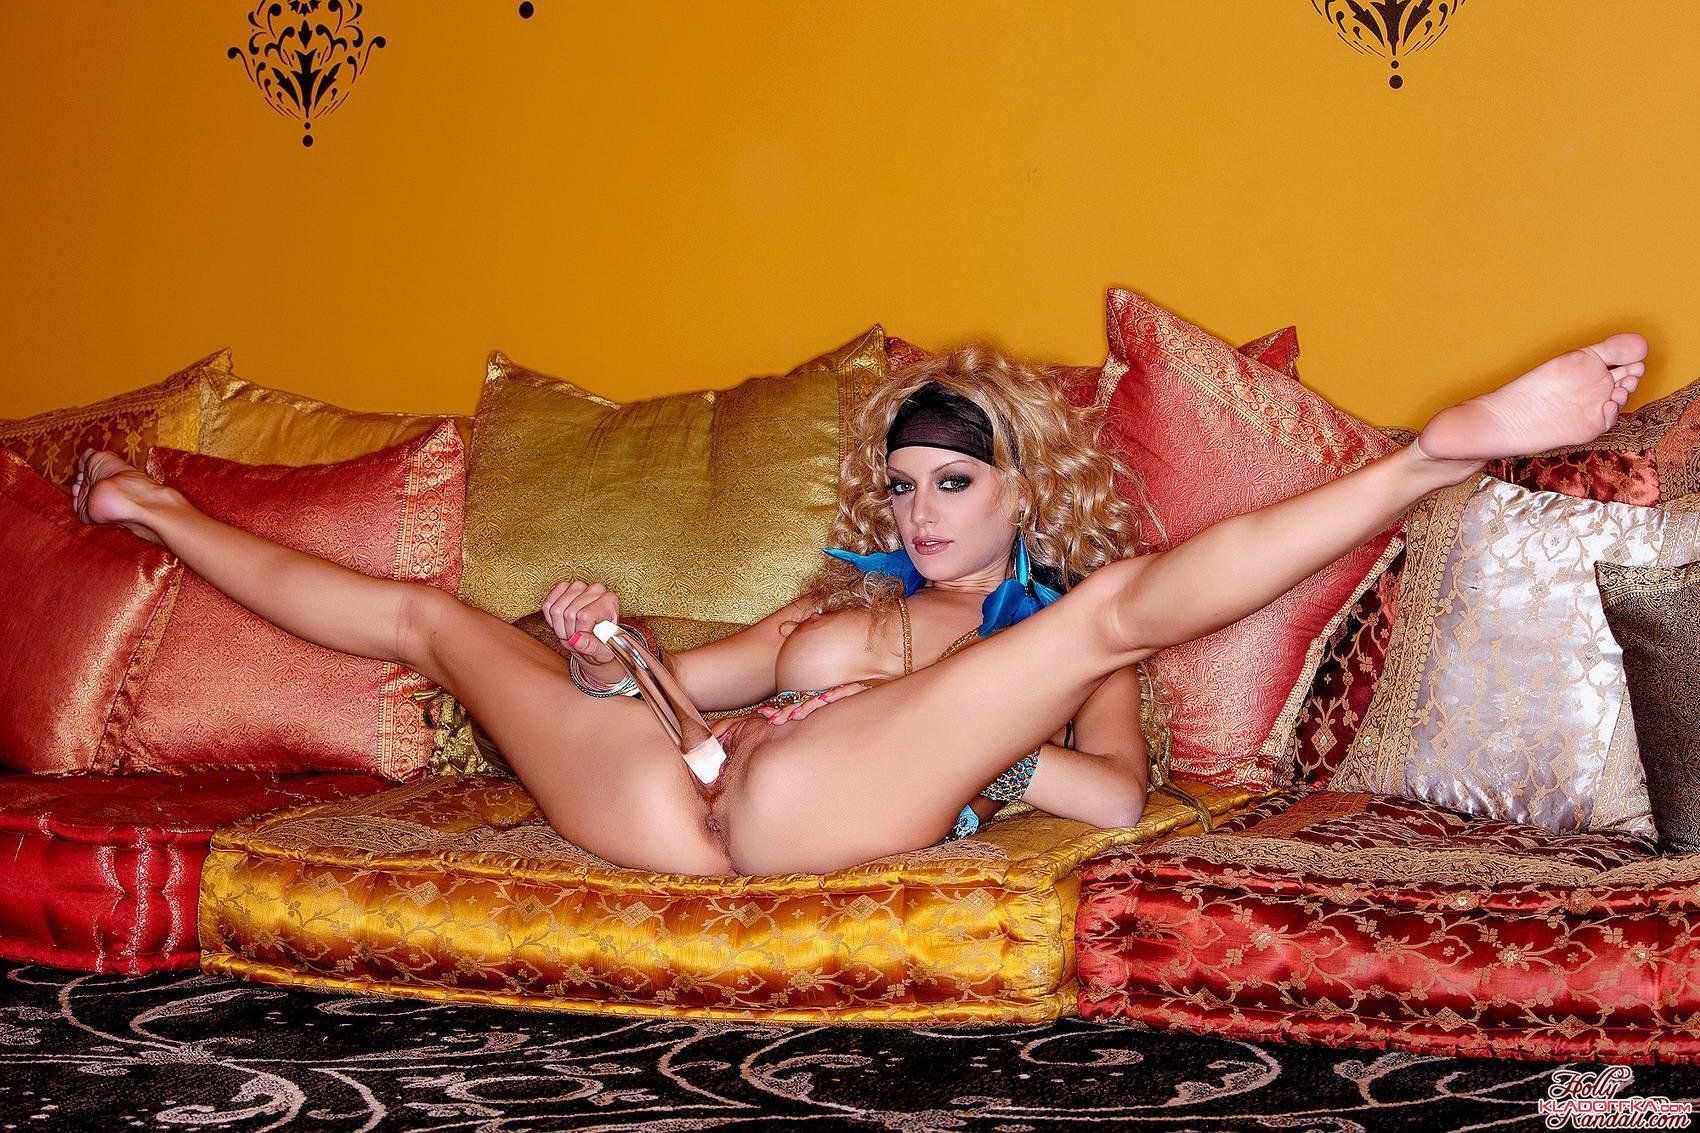 Шейх и наложницы видео порно